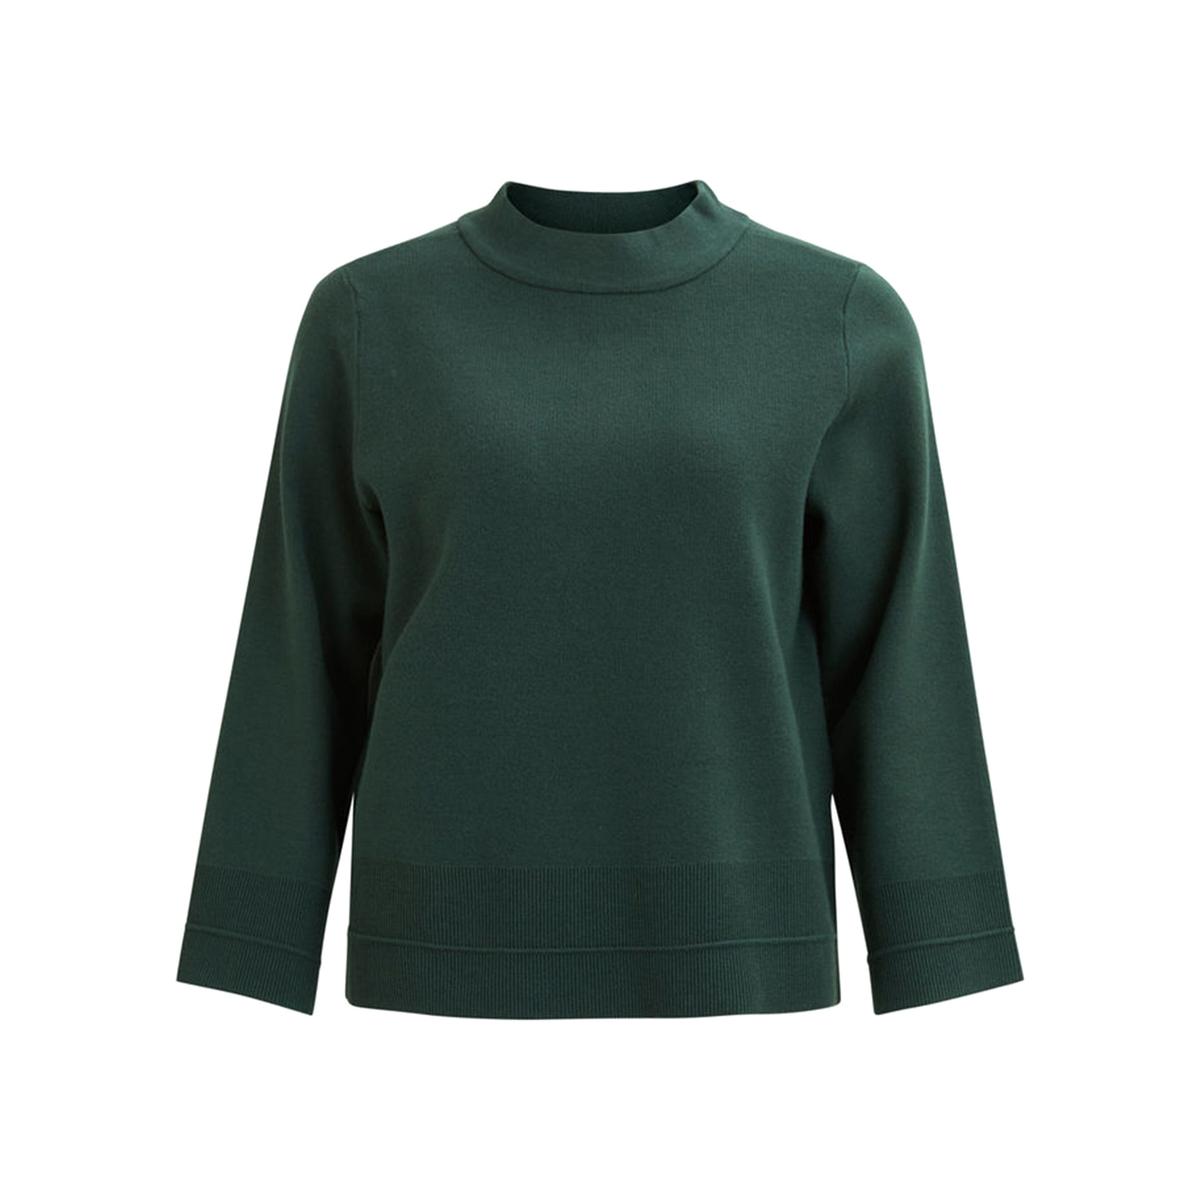 Пуловер с круглым вырезом из тонкого трикотажаОписание:Детали •  Длинные рукава •  Круглый вырез •  Тонкий трикотаж Состав и уход •  55% вискозы, 35% полиамида, 10% полиэстера •  Следуйте советам по уходу, указанным на этикетке<br><br>Цвет: изумрудный<br>Размер: XS